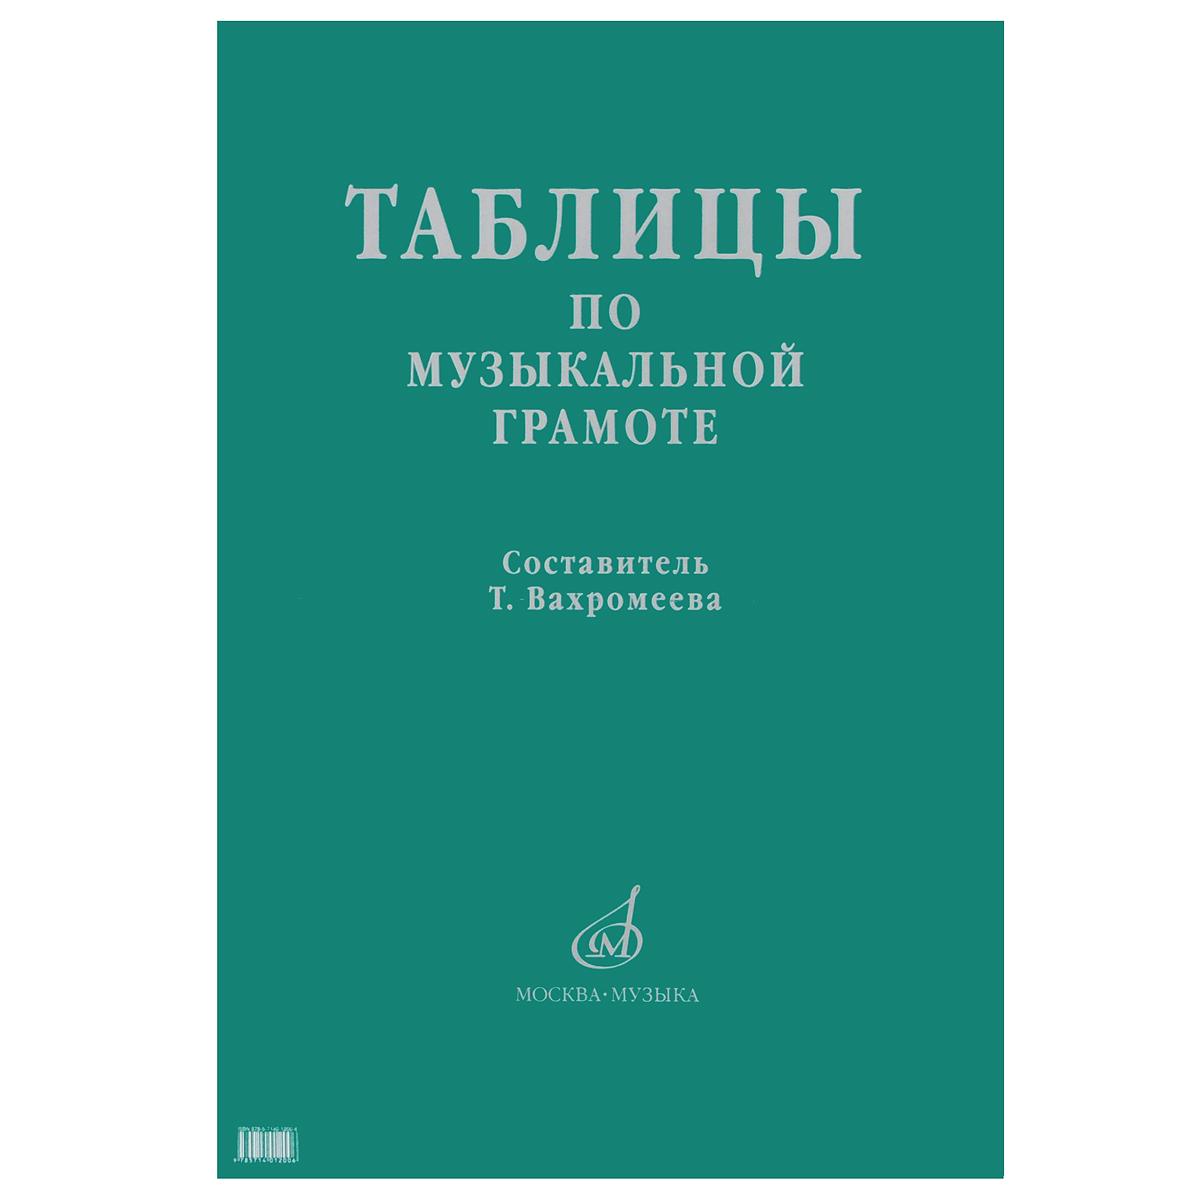 Таблицы по музыкальной грамоте (набор из 10 плакатов)